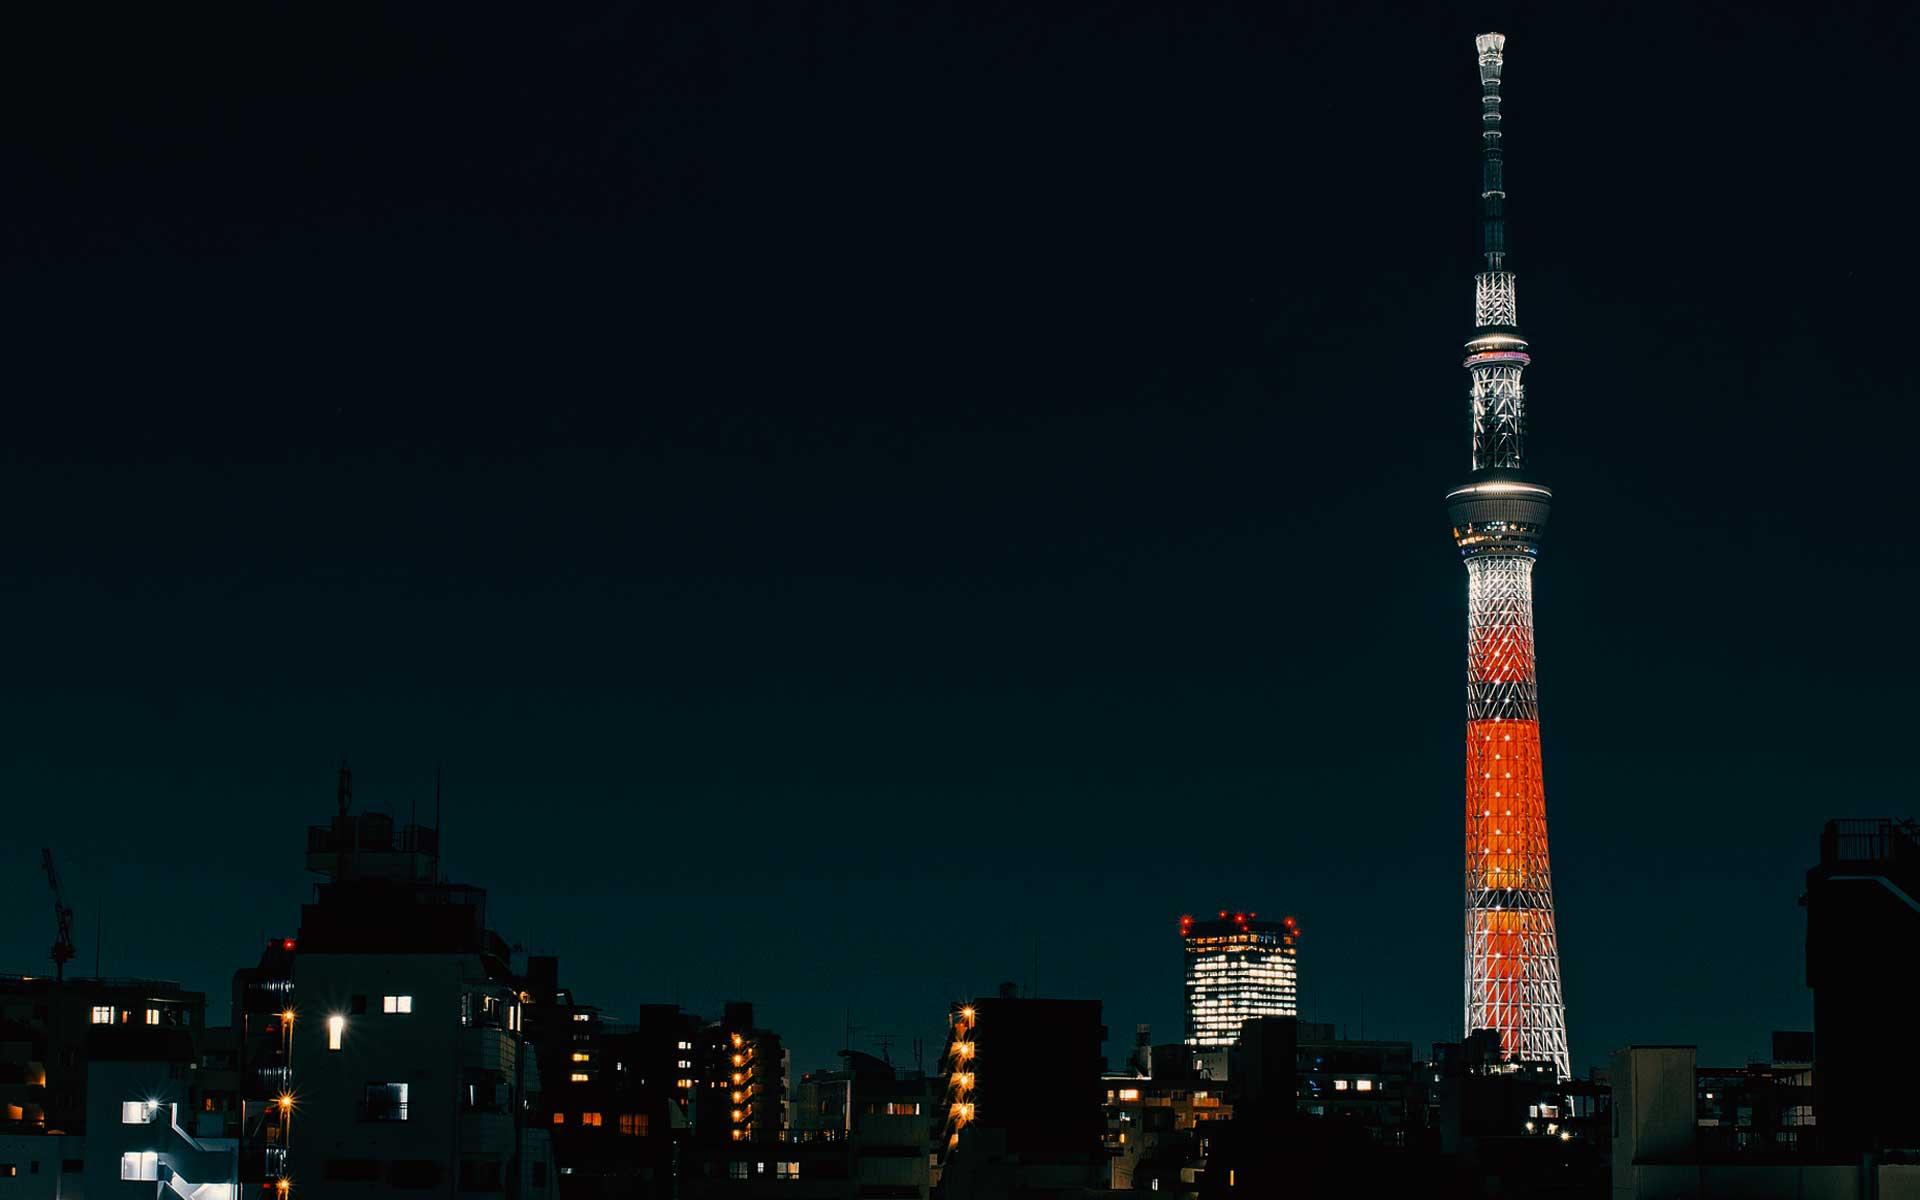 Der deutsche Grafikdesigner und Typograf Wolfgang Beinert erhältzum dritten Mal die begehrte asiatische Auszeichnung des Tokyo Type Directors Club (TTDC).